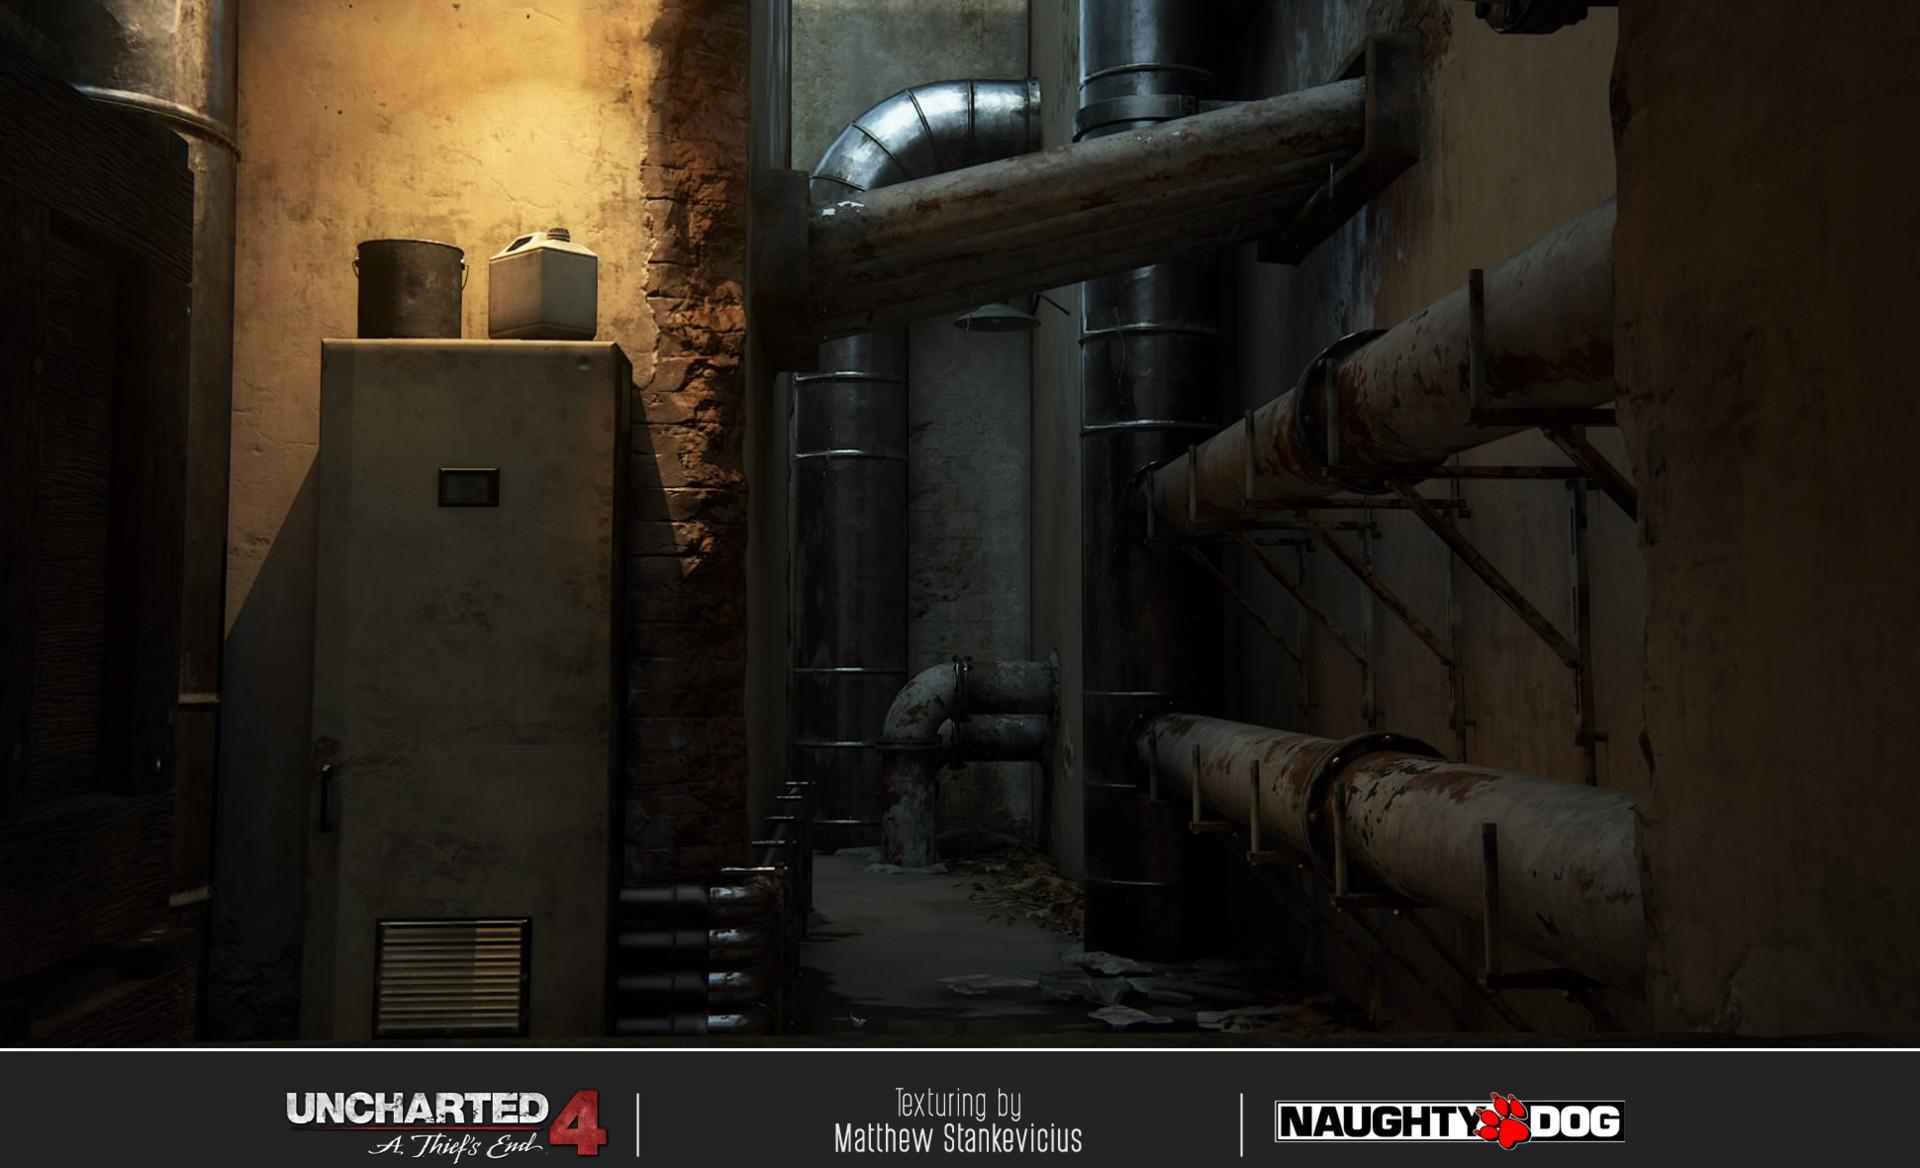 Matthew stankevicius prison 04